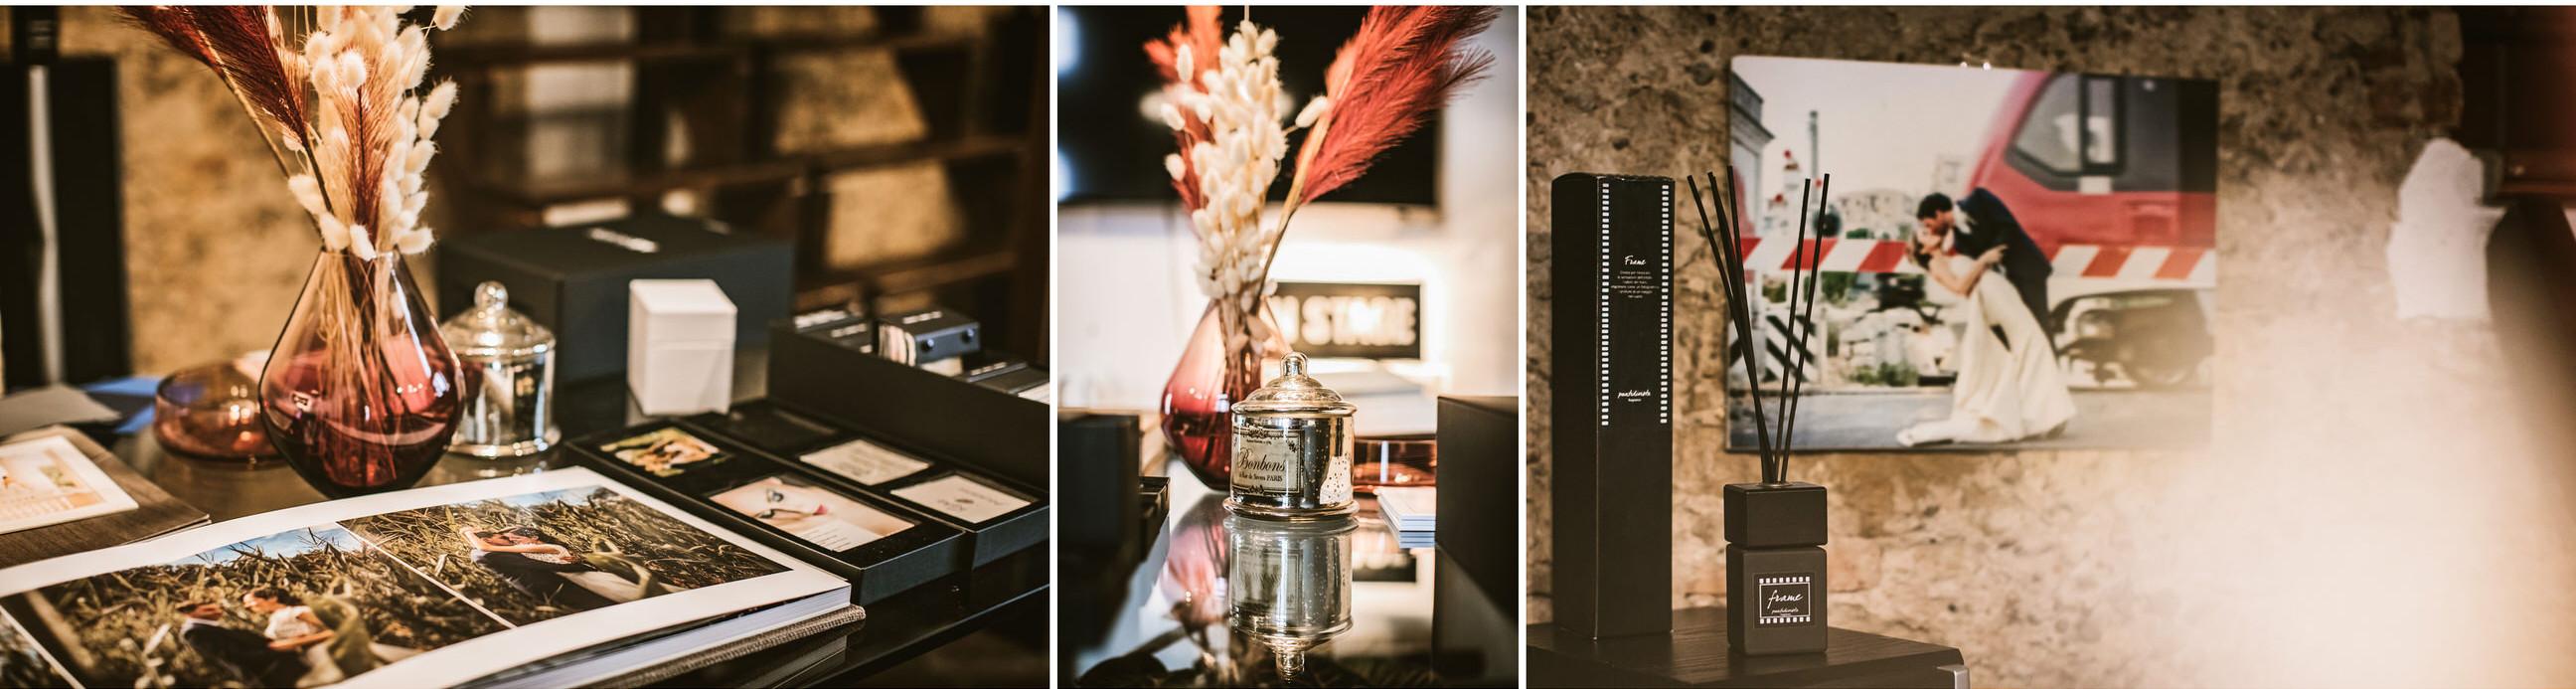 Studio fotografico 5.1